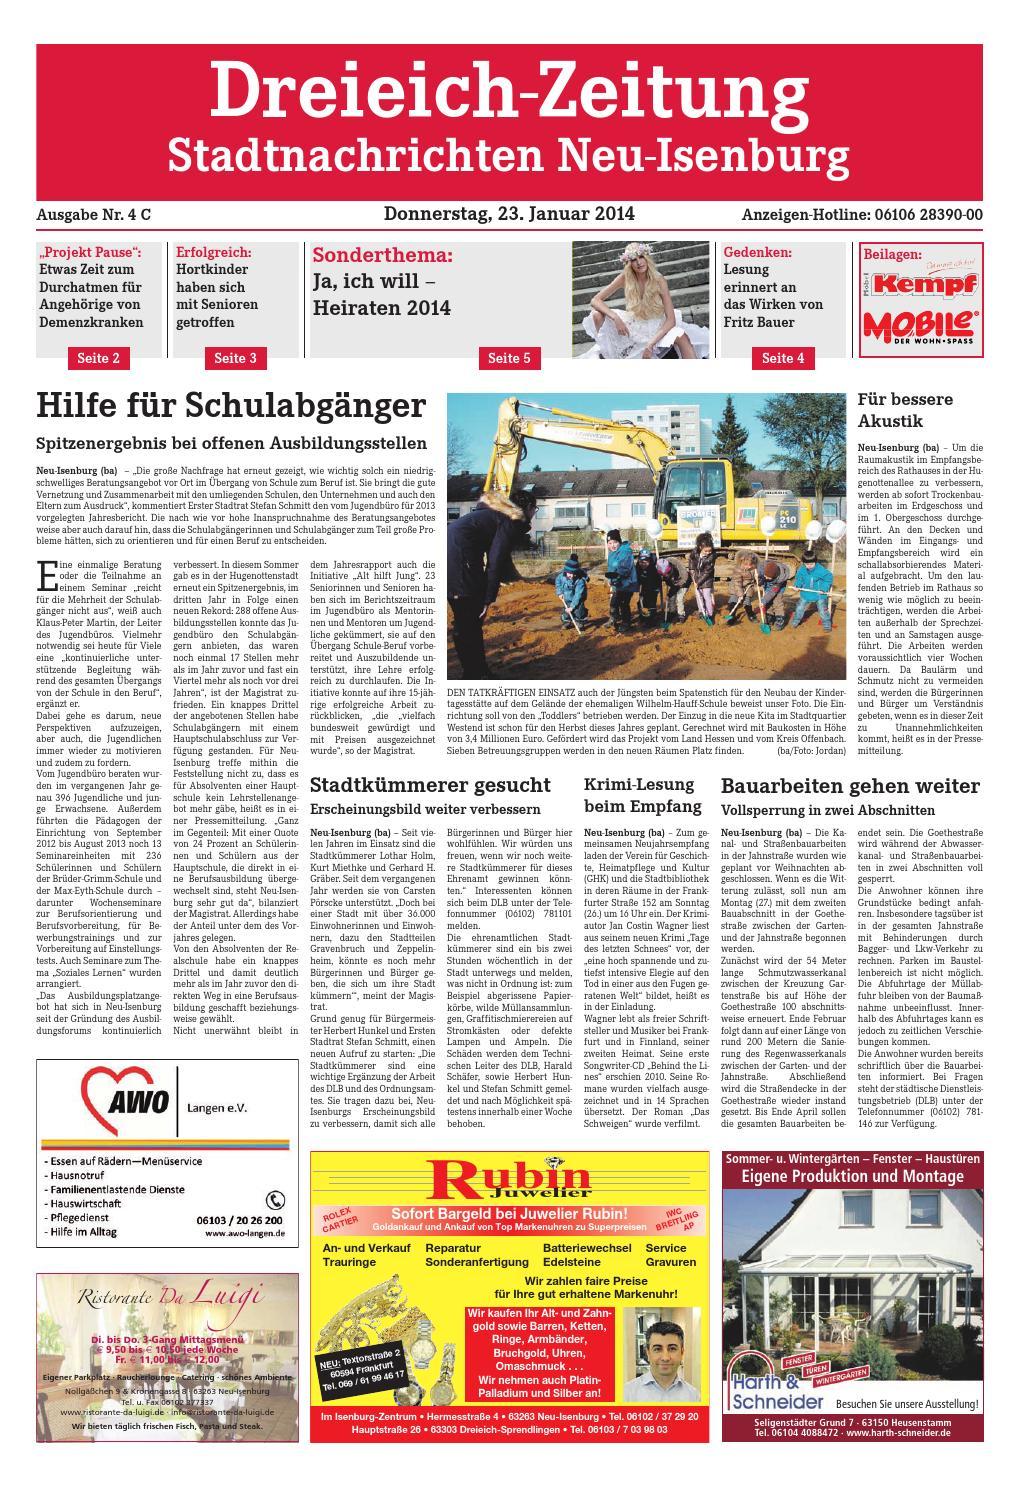 Dz online 004 14 c by Dreieich-Zeitung/Offenbach-Journal - issuu